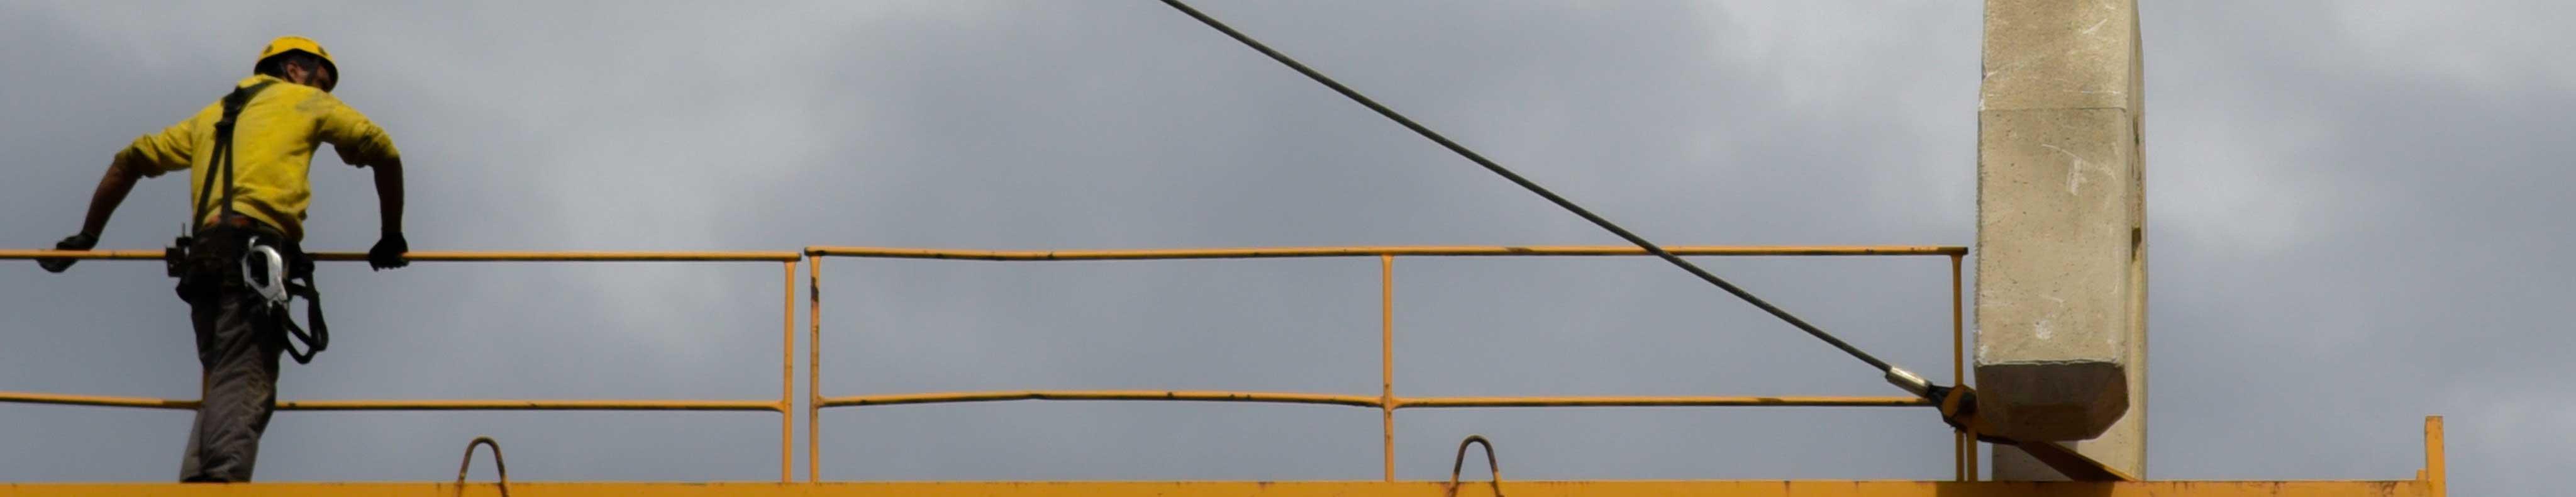 Maquinaria de Elevación Málaga